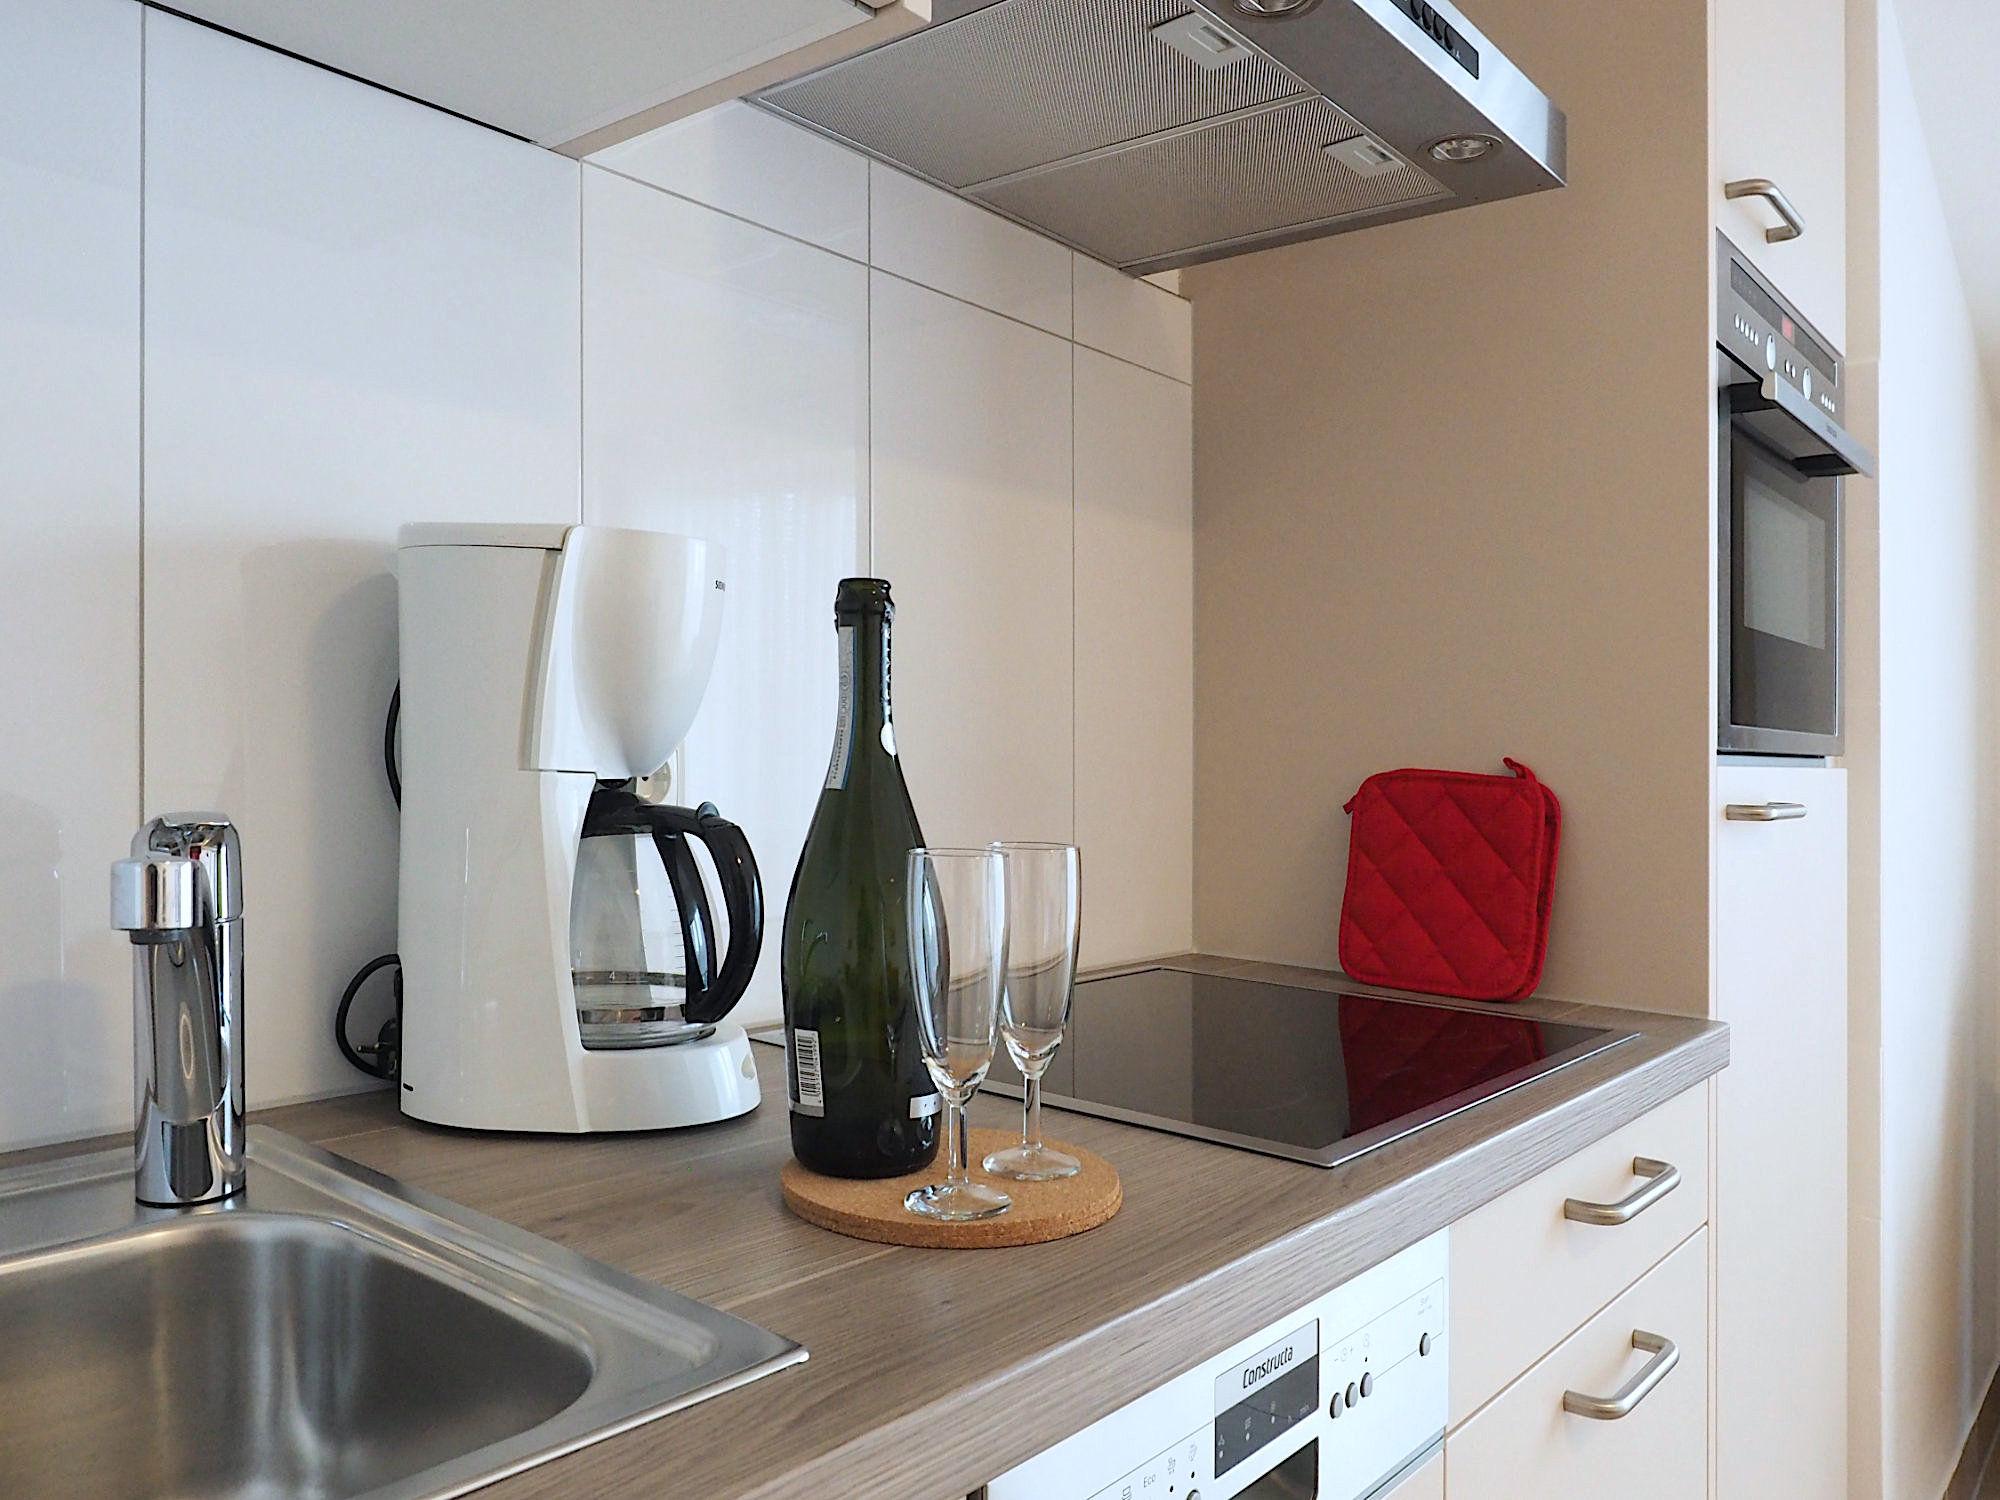 Moderne Küchenzeile mit elektrischen Geräten